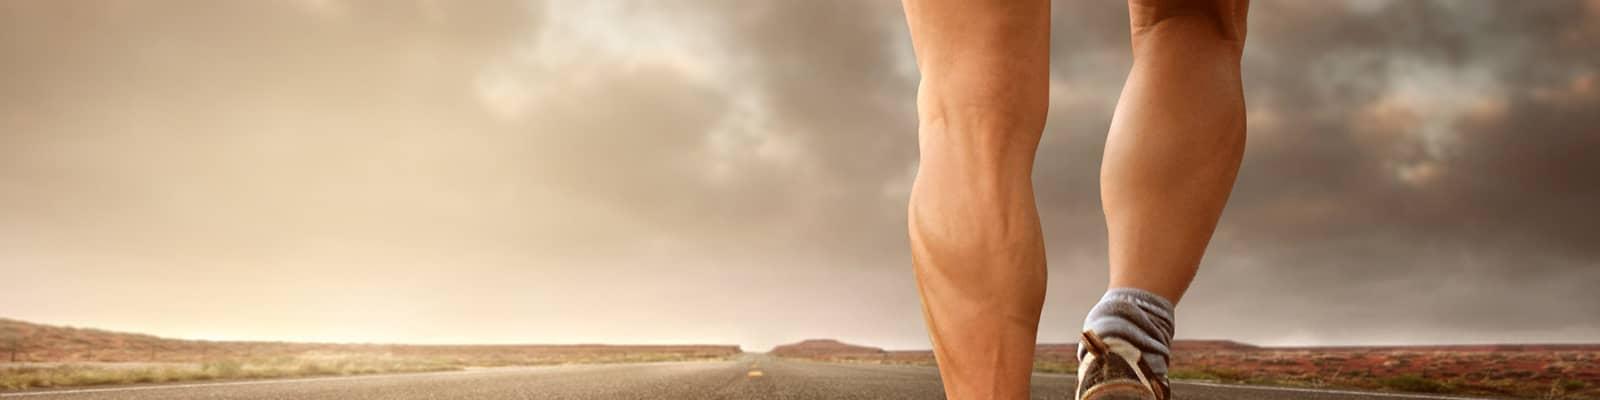 Tendinitis del biceps femoral